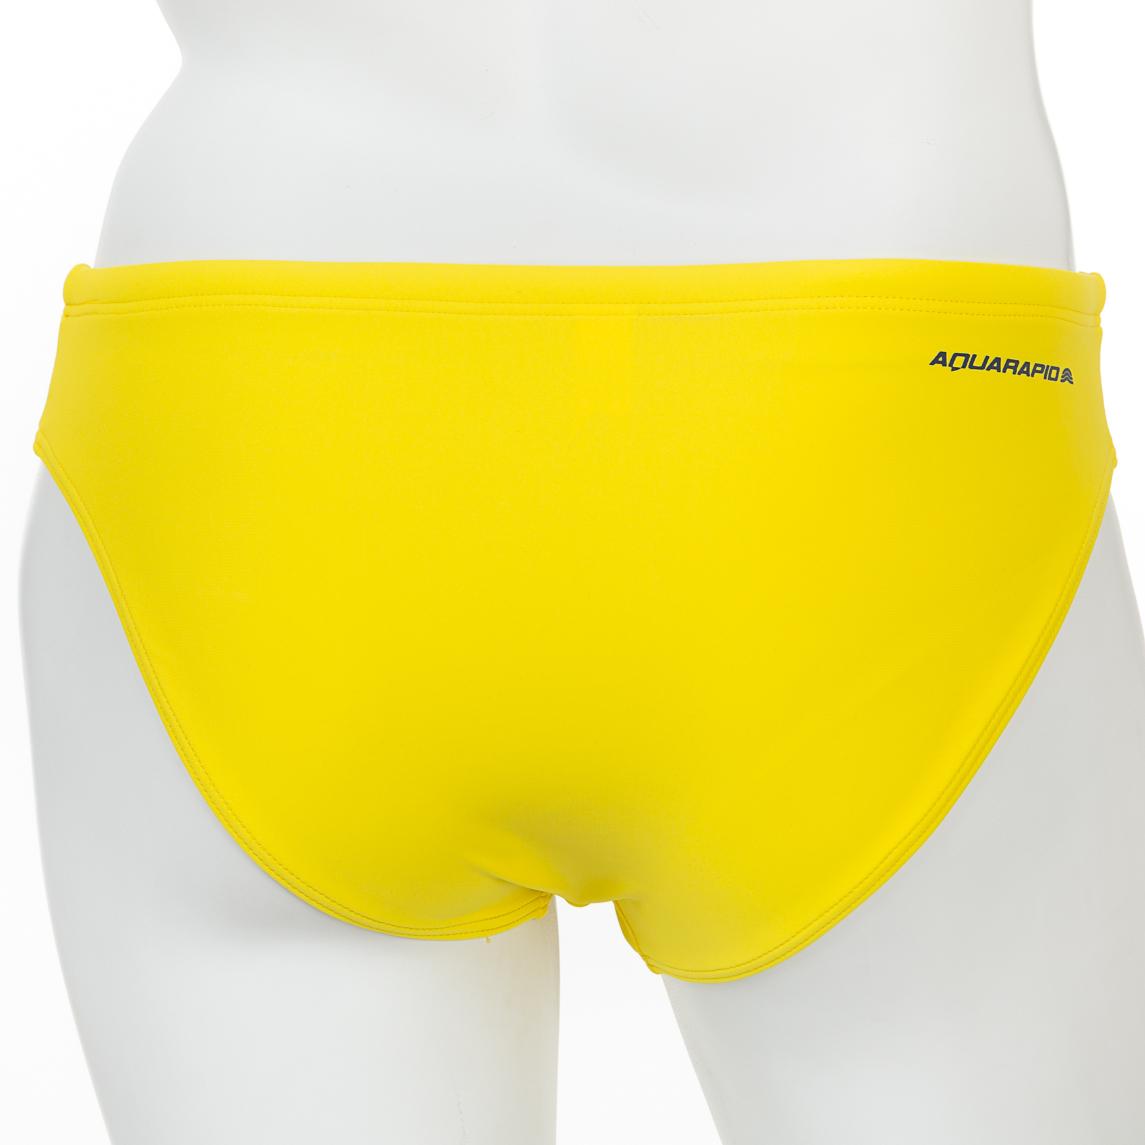 a5dc2f07f7 POLO/XA - Men's Swim Brief | Aquarapid shop online